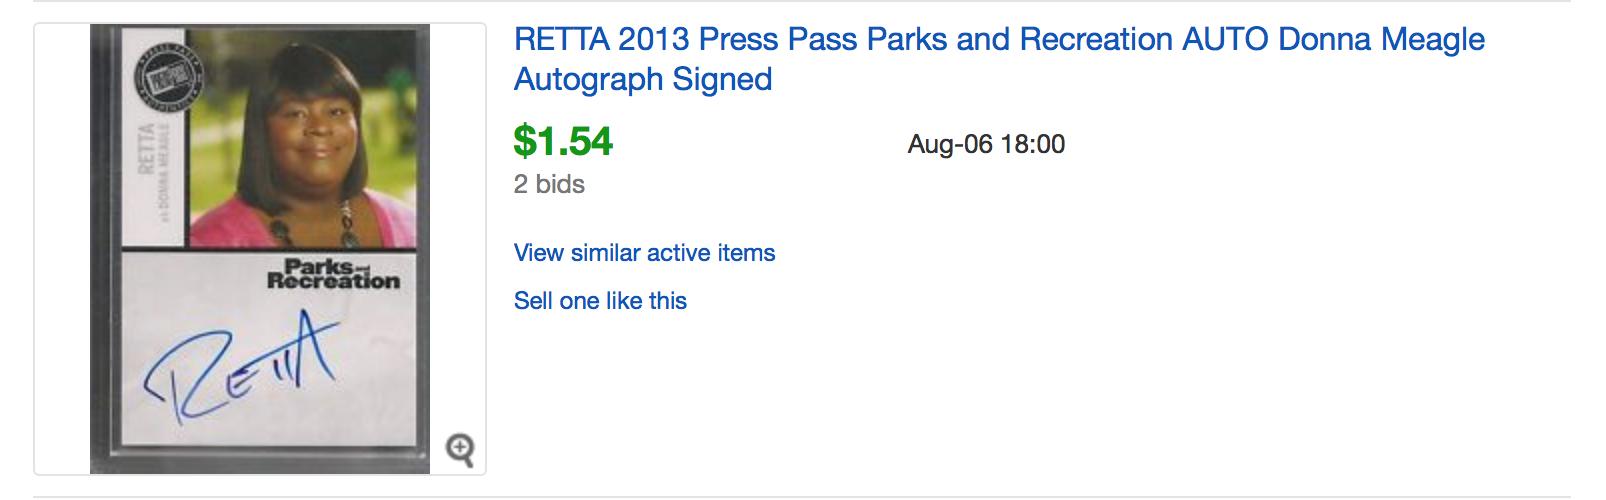 retta autograph screenshot ebay